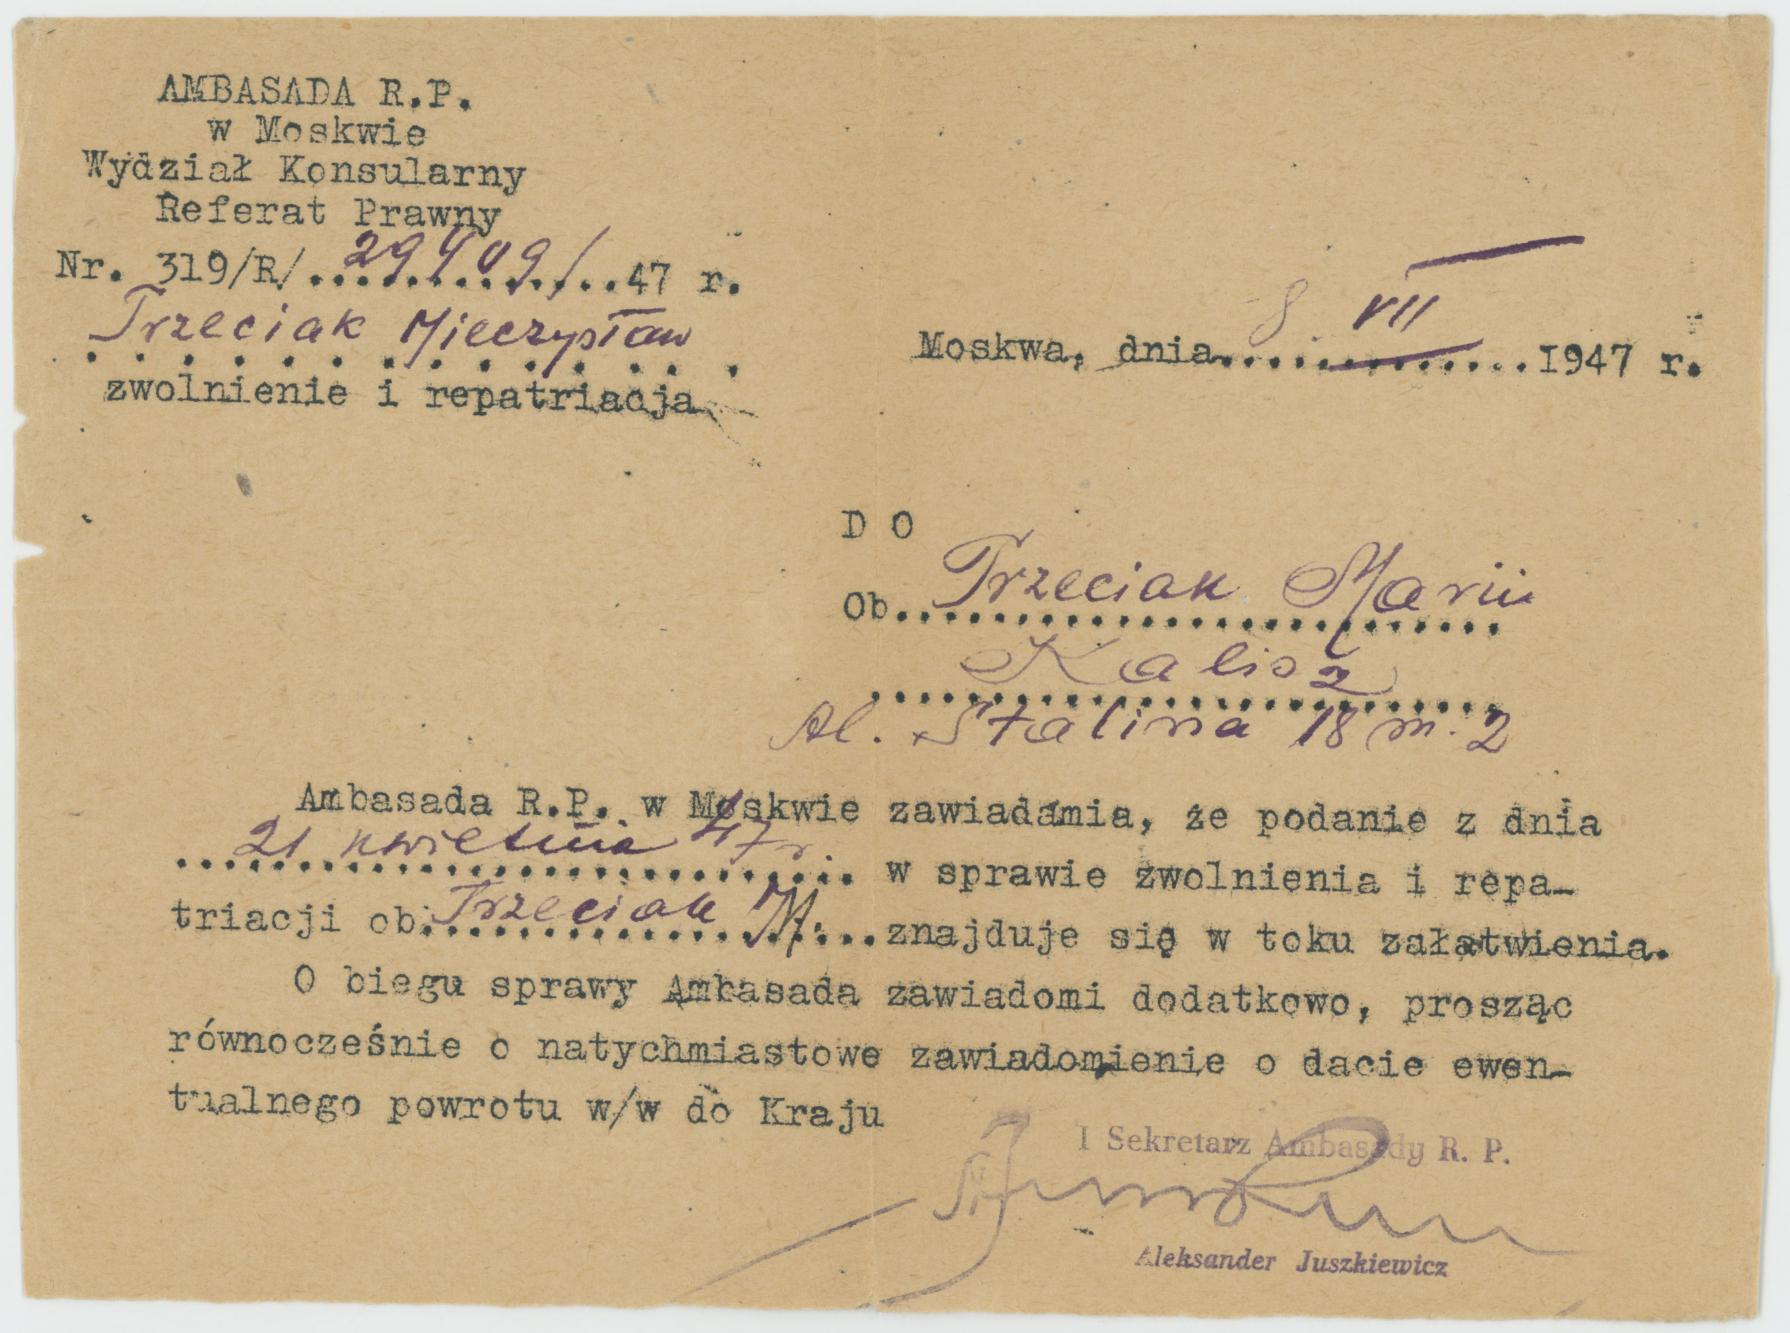 Pismo Ambasady w Moskwie o trybie zwolnienia i repatriacji Mieczysława Trzeciaka